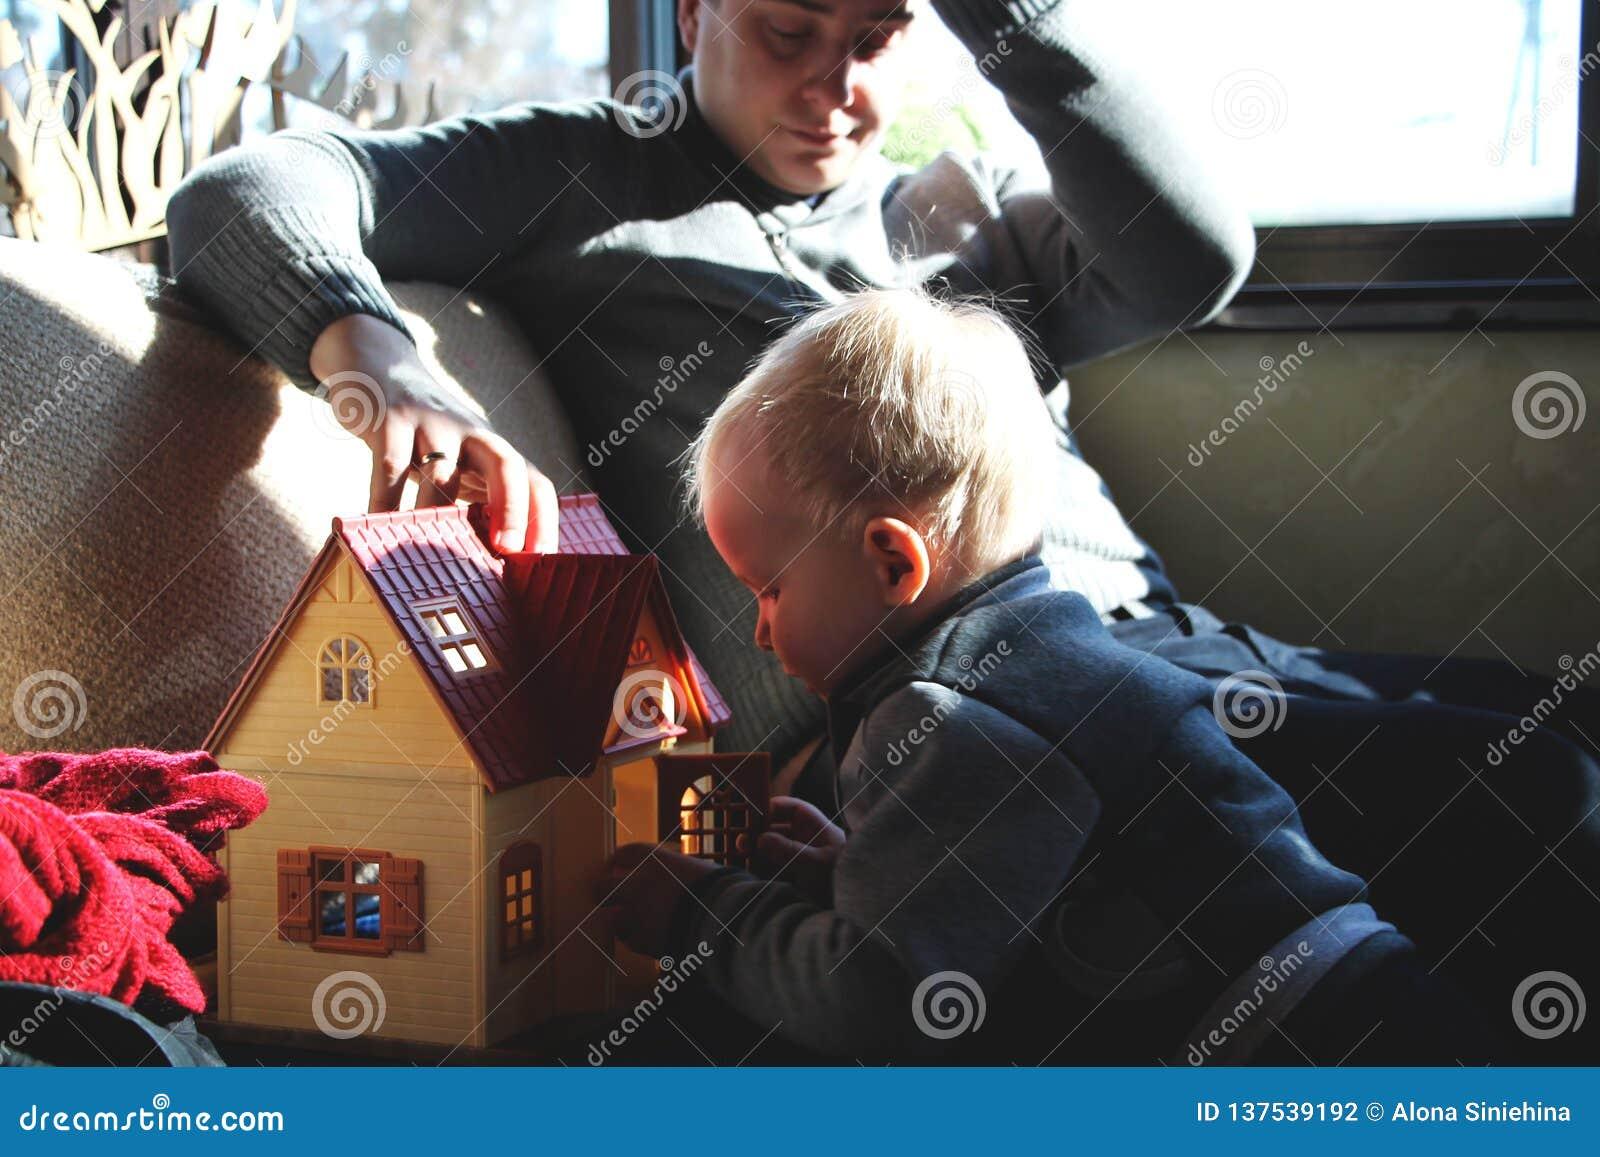 Vati und Sohn spielen im Puppenhaus